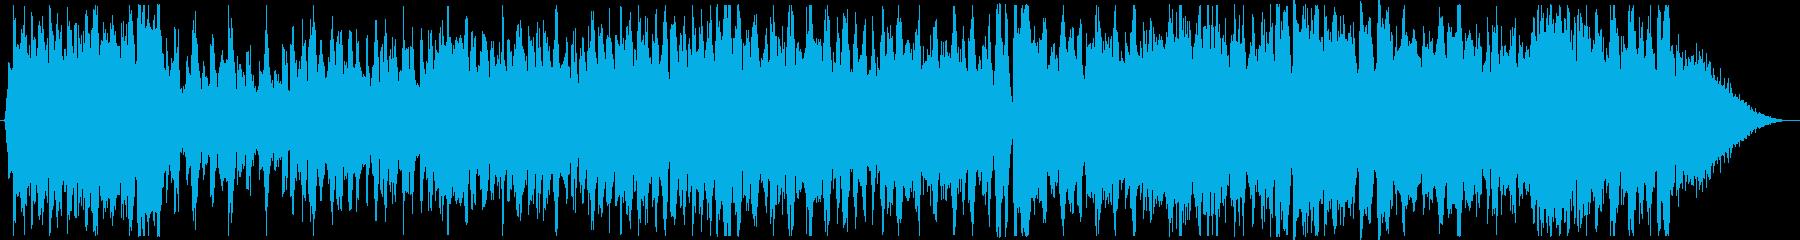 クリスマスの定番ウィンターワンダーランドの再生済みの波形